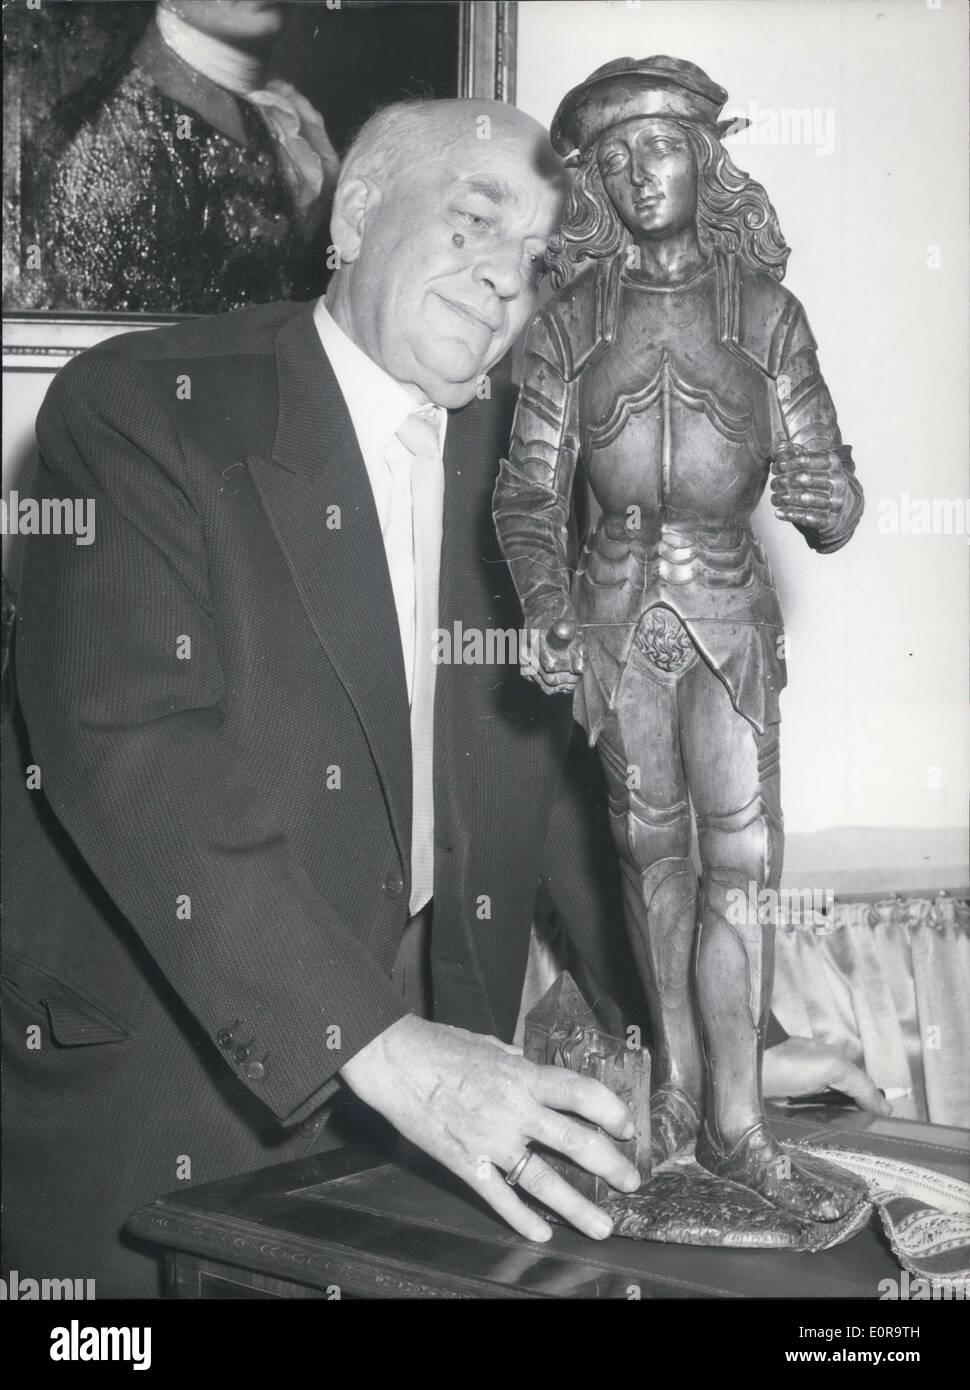 25 octobre 1958 - 3ème art allemand et l'antiquité ouvert masse: Sur 24 le 3ème art et de l'allemand l'antiquité a été ouverte dans la masse Photo Stock